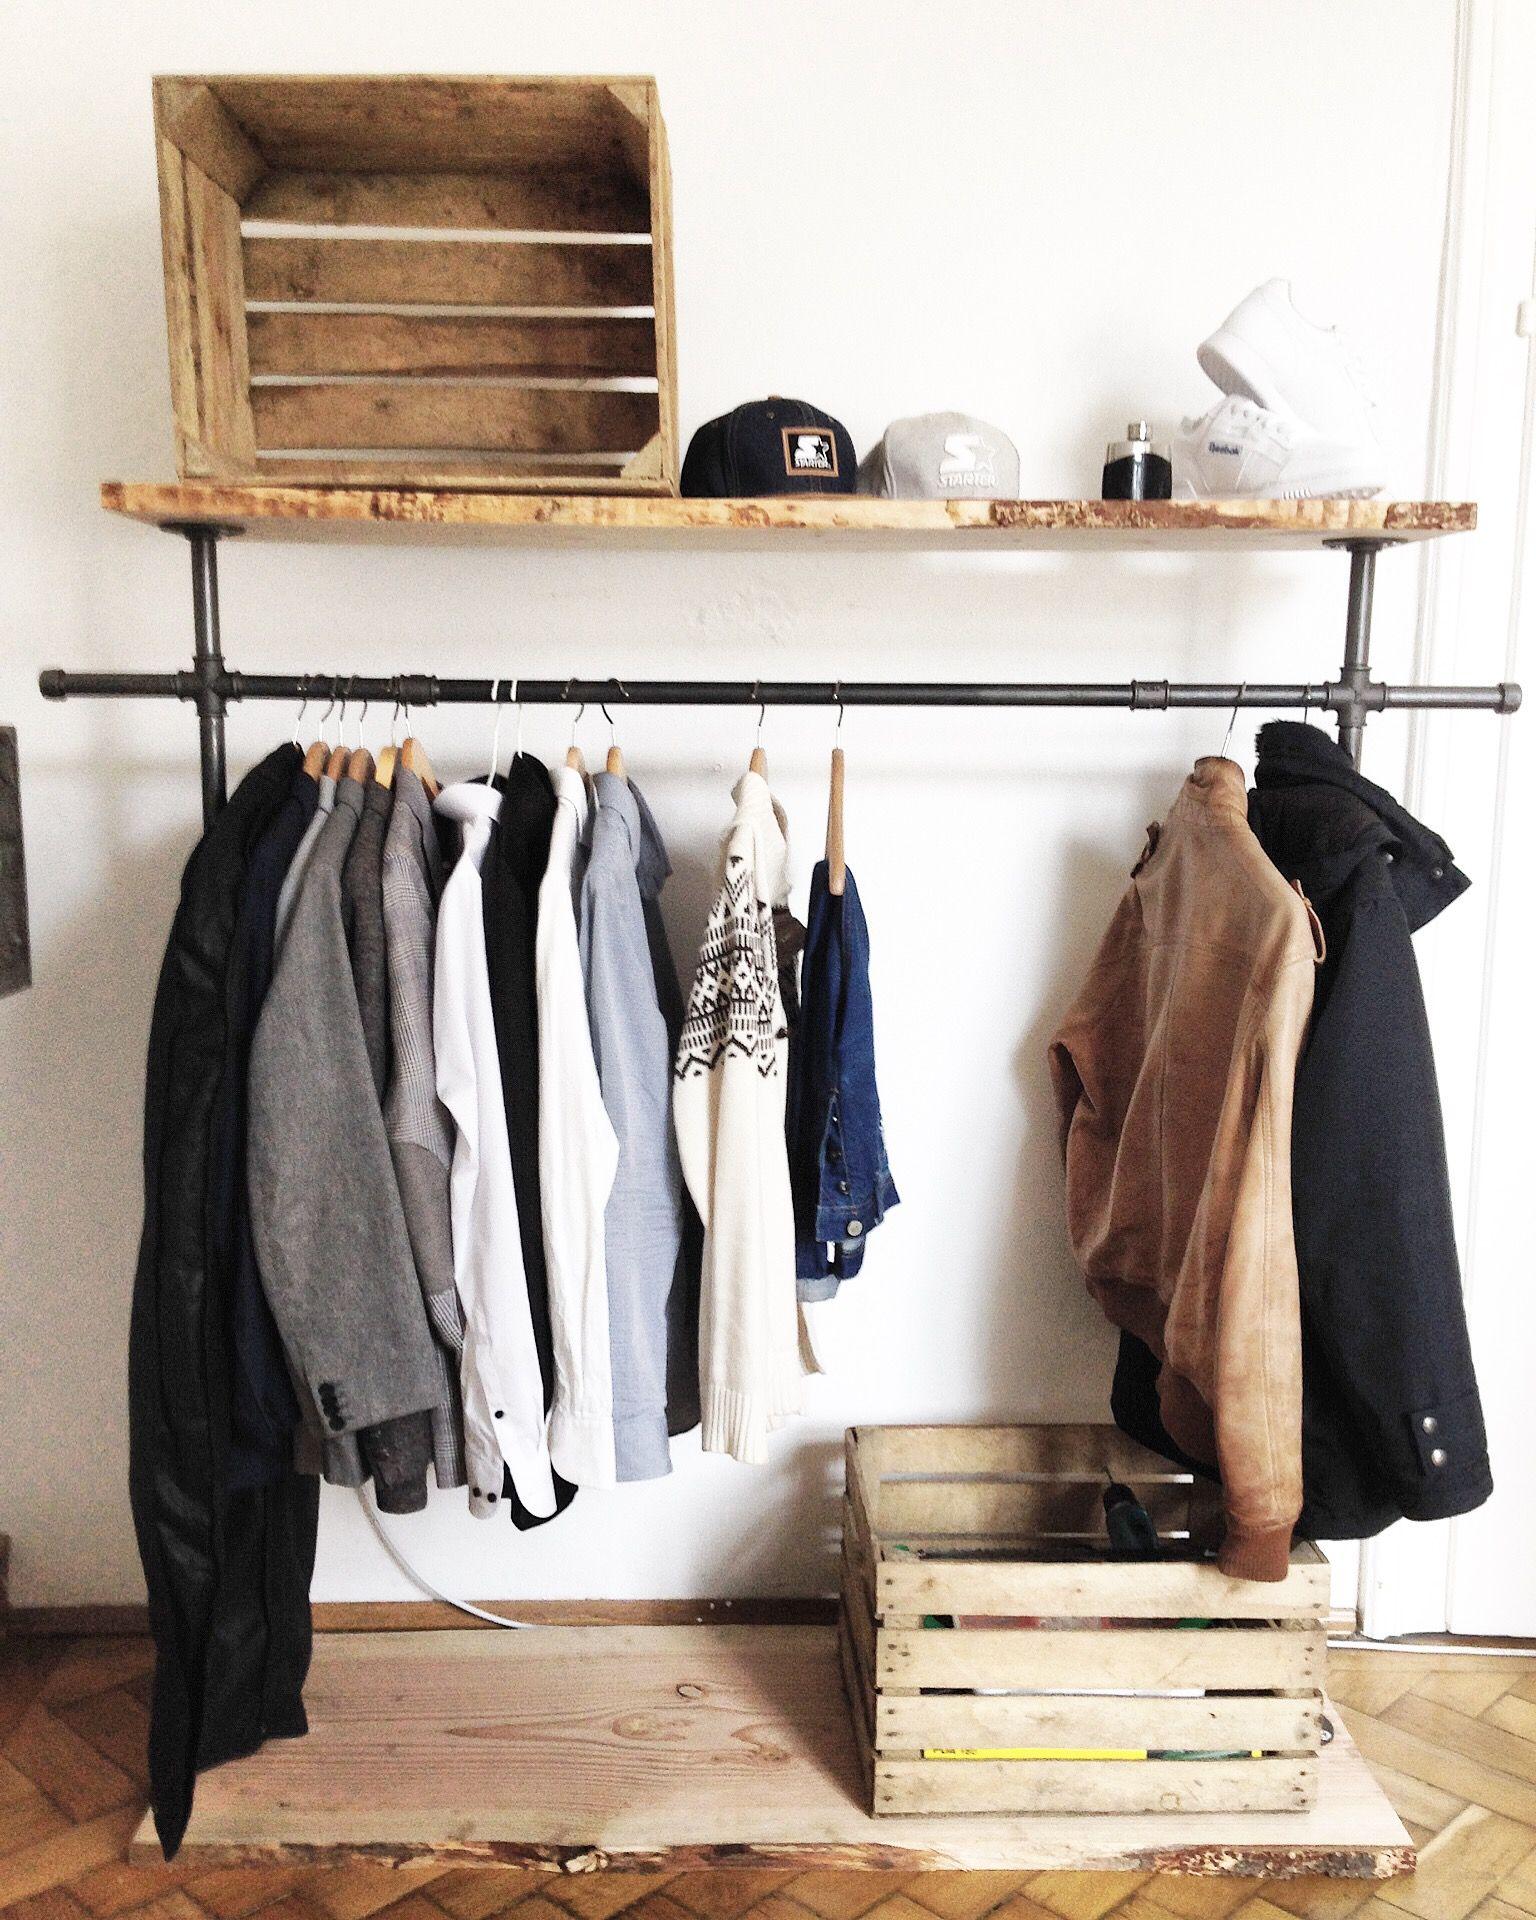 Holz X Metall We Love It Gaderobe Im Industrialstyle Kleiderschrank Holz Gaderobe Mobelverschonerung